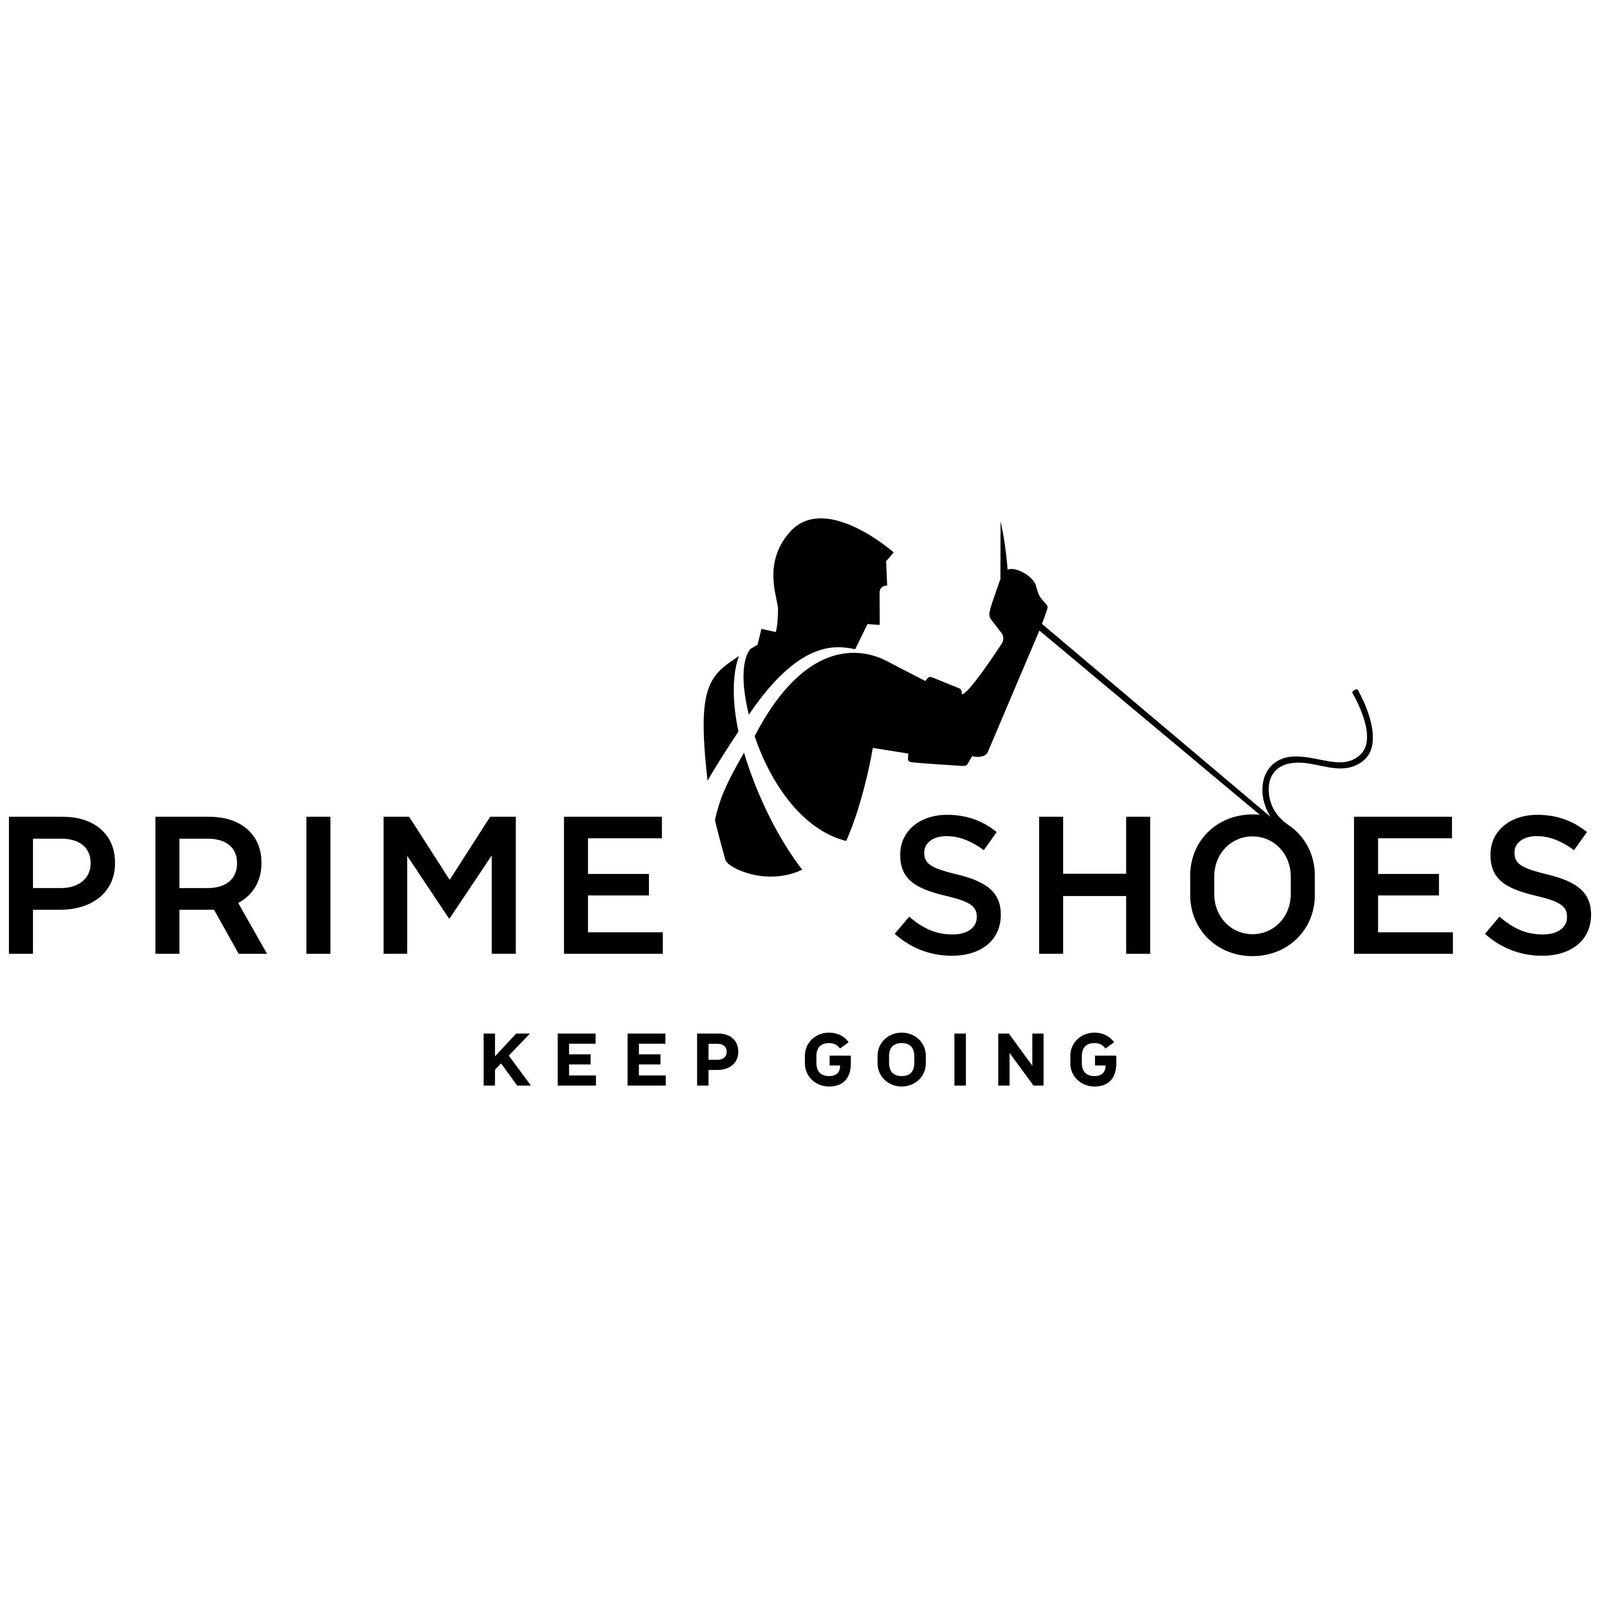 PRIME SHOES (Imagen 1)